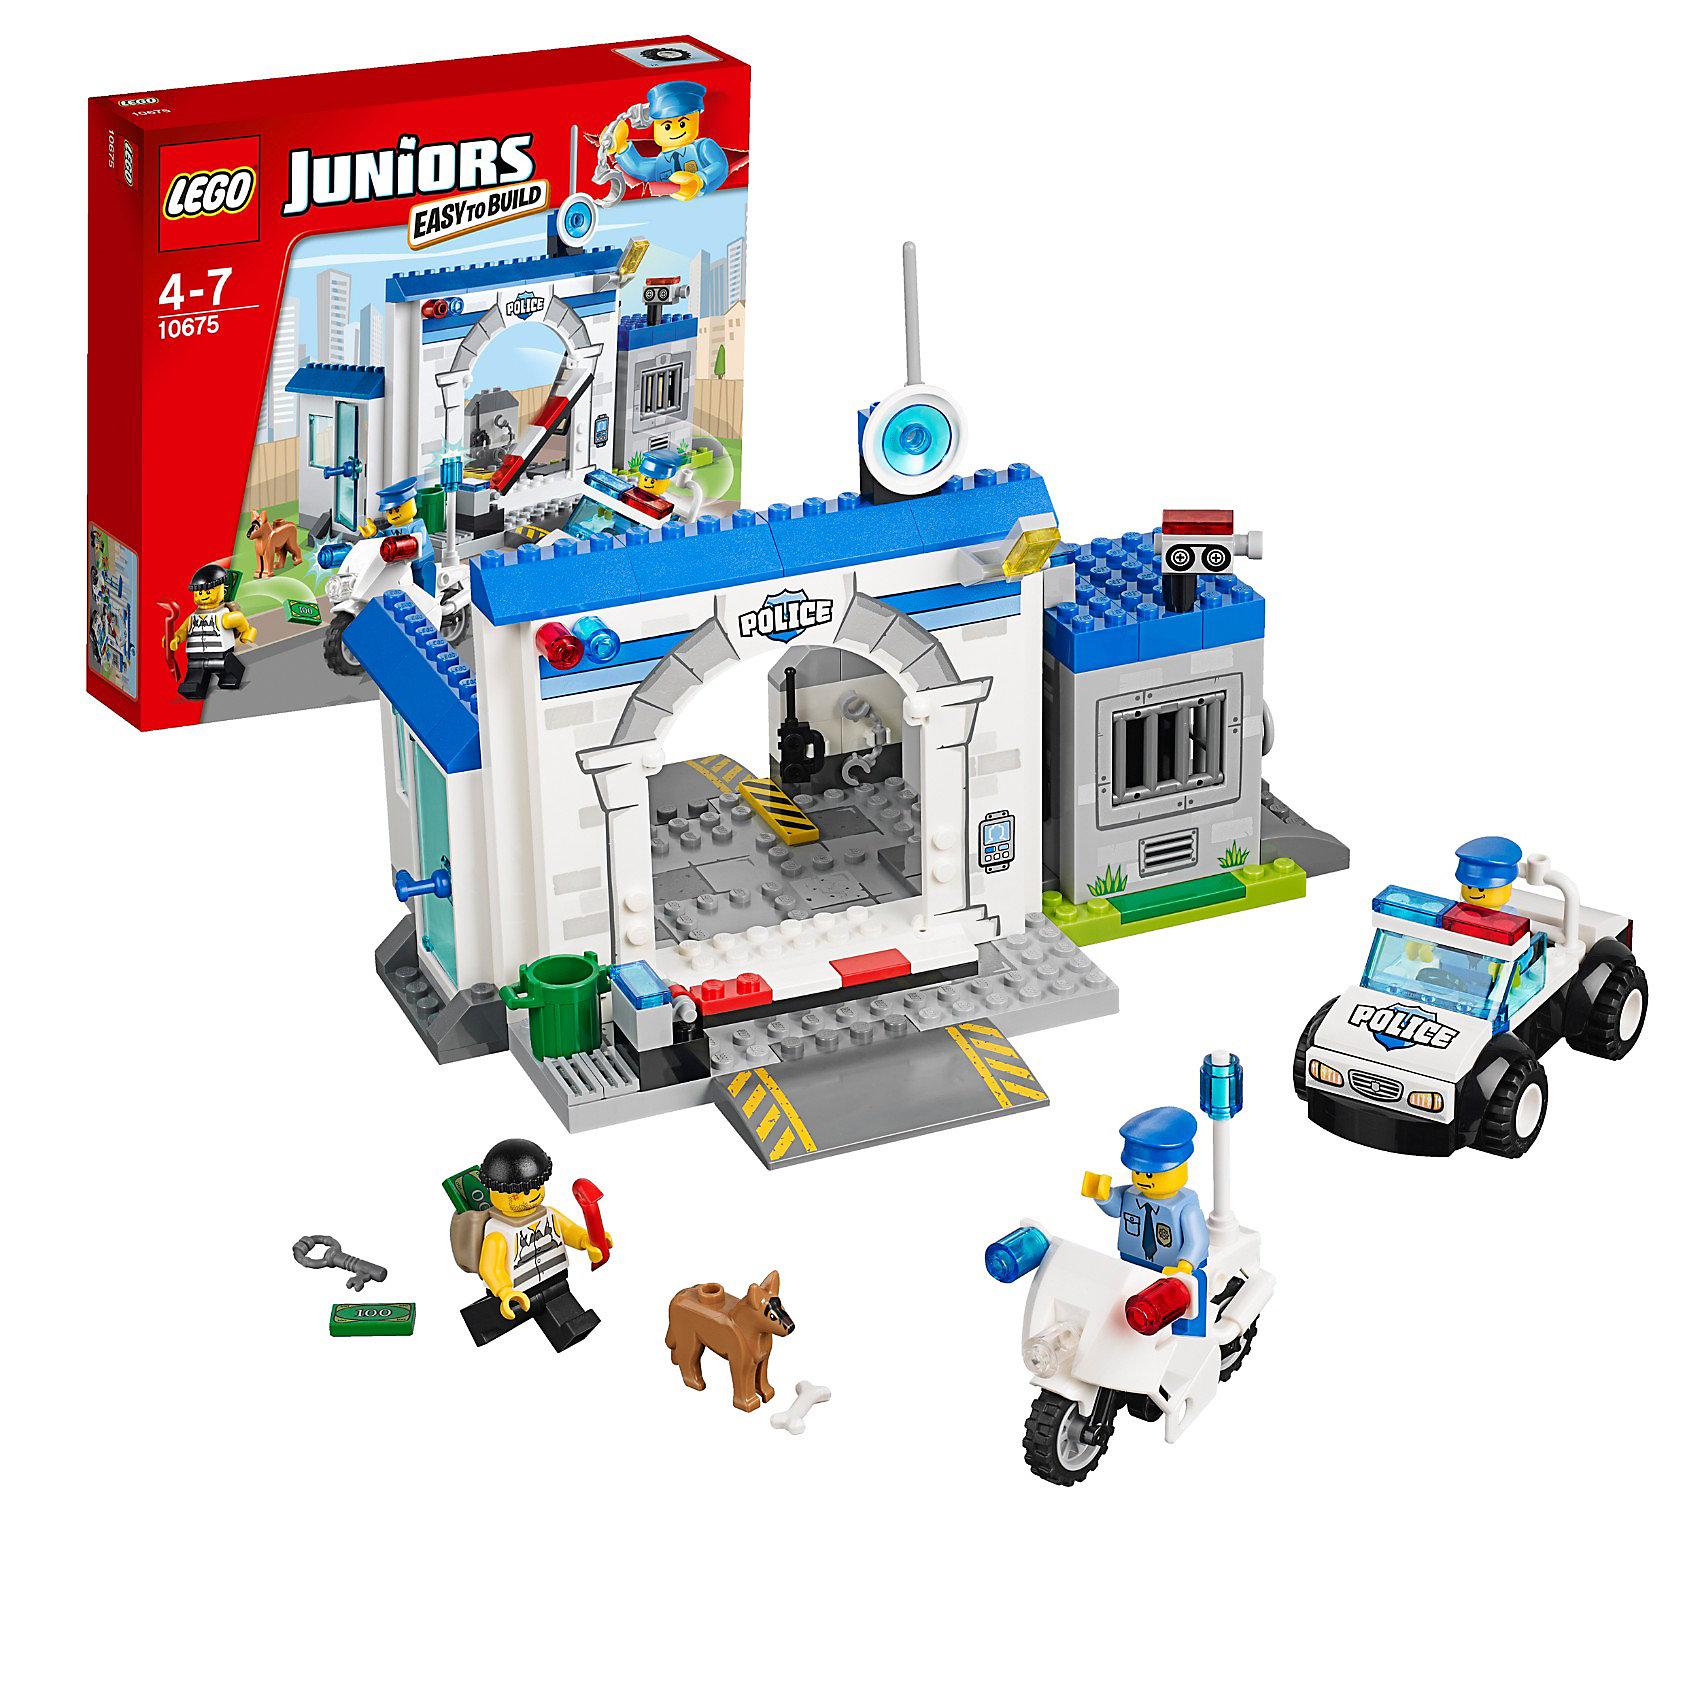 LEGO Juniors 10675: Полиция — большой побегКонструктор LEGO Juniors (ЛЕГО Джуниорс) 10675: Полиция — большой побег - мечта мальчишек, обожающих полицейские погони. Масштабный набор позволит воссоздать атмосферу полицейского участка, где служат доблестные стражи порядка. На крыше бело-синего здания полиции спутниковая антенна и камера слежения. Чтобы попасть на территорию участка необходимо предъявить пропуск, затем поднимается шлагбаум и можно поставить машину на парковке. Если преступник задержан, его сажают в камеру, которая находится на территории участка. Но коварный преступник бежал, прихватив с собой мешки с деньгами. В погоню за ним отправляются лучшие сотрудники, в том числе полицейский пес. Он выслеживает преступника, а полицейские догоняют и задерживают вора. Замечательный набор Полиция - большой побег, поможет малышу создать множество увлекательных сюжетов! Подключайте фантазию и Вам никогда не будет скучно в компании LEGO (ЛЕГО)!<br><br>Серия конструкторов LEGO Juniors (ЛЕГО Джуниорс) - специально разработаны для детей от 4 до 7 лет. Размер кубиков и деталей соответствует обычным размерам. При этом наборы очень просты в сборке. Понятные инструкции позволяют детям быстро получить результат и приступить к игре. Конструкторы этой серии прекрасно детализированы, яркие, прочные, имеют множество различных сюжетов - идеально подходят для реалистичных и познавательных игр.<br><br>Дополнительная информация:<br><br>- Игра с конструктором  LEGO (ЛЕГО) развивает мелкую моторику ребенка, фантазию и воображение, учит его усидчивости и внимательности;<br>- В комплекте: 3 минифигурки: 2 полицейских и преступник, детали набора; <br>- Количество деталей: 146 шт;<br>- Удобно хранить и брать с собой;<br>- Серия: LEGO Juniors (ЛЕГО Джуниорс);<br>- Материал: пластик;<br>- Размер упаковки: 28 х 26 х 6 см;<br>- Вес: 0,6  кг <br><br>Конструктор LEGO Juniors (ЛЕГО Джуниорс) 10675: Полиция — большой побег можно купить в нашем интернет-магазине.<br><br>Ширина мм: 287<br>Глубина мм: